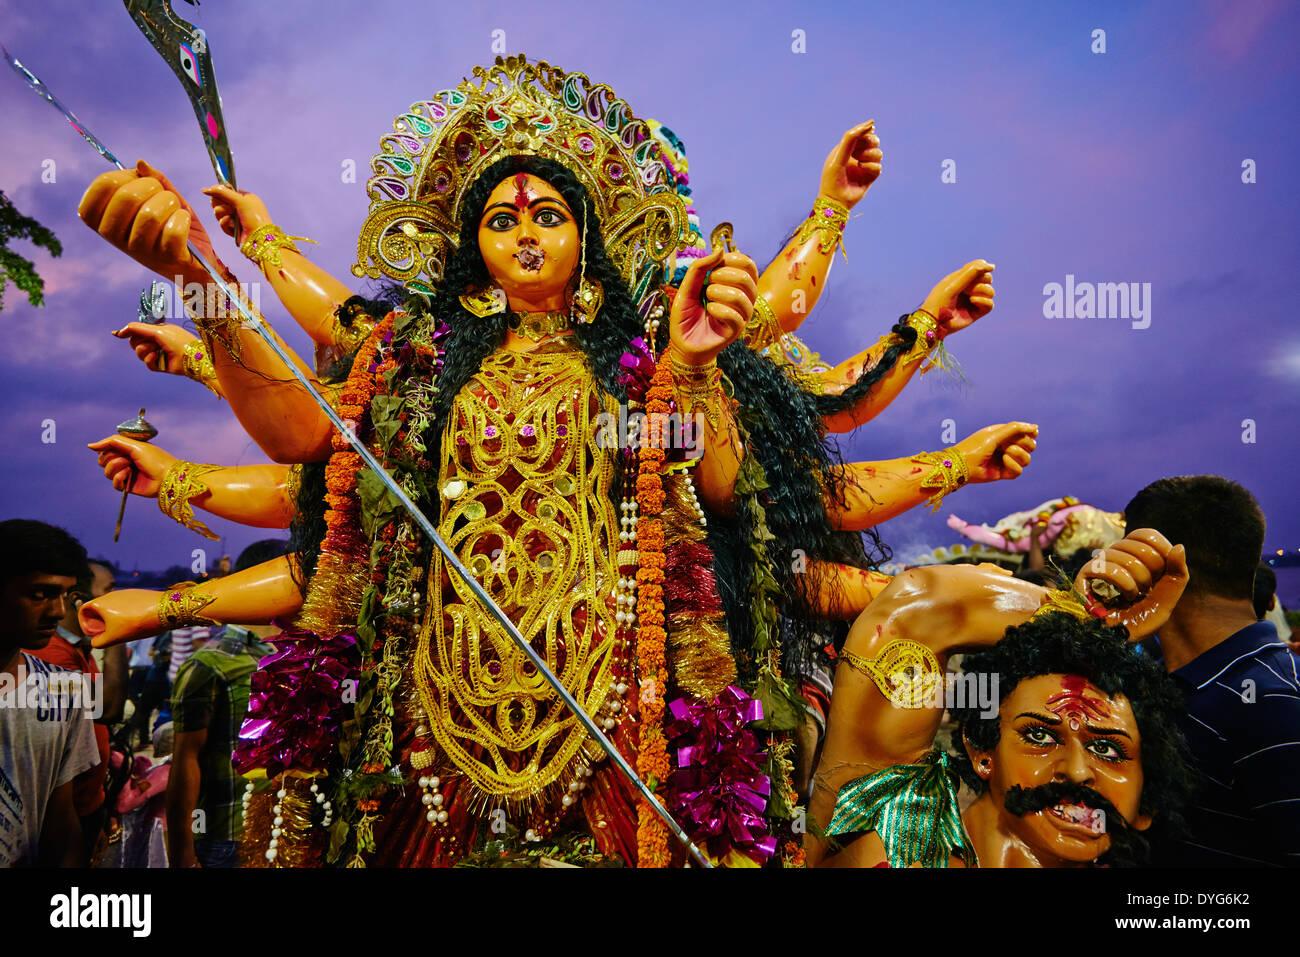 La India, Bengala Occidental, Kolkata, Calcuta, al final de Durga Puja los ídolos son arrojados al río Hooghly Imagen De Stock